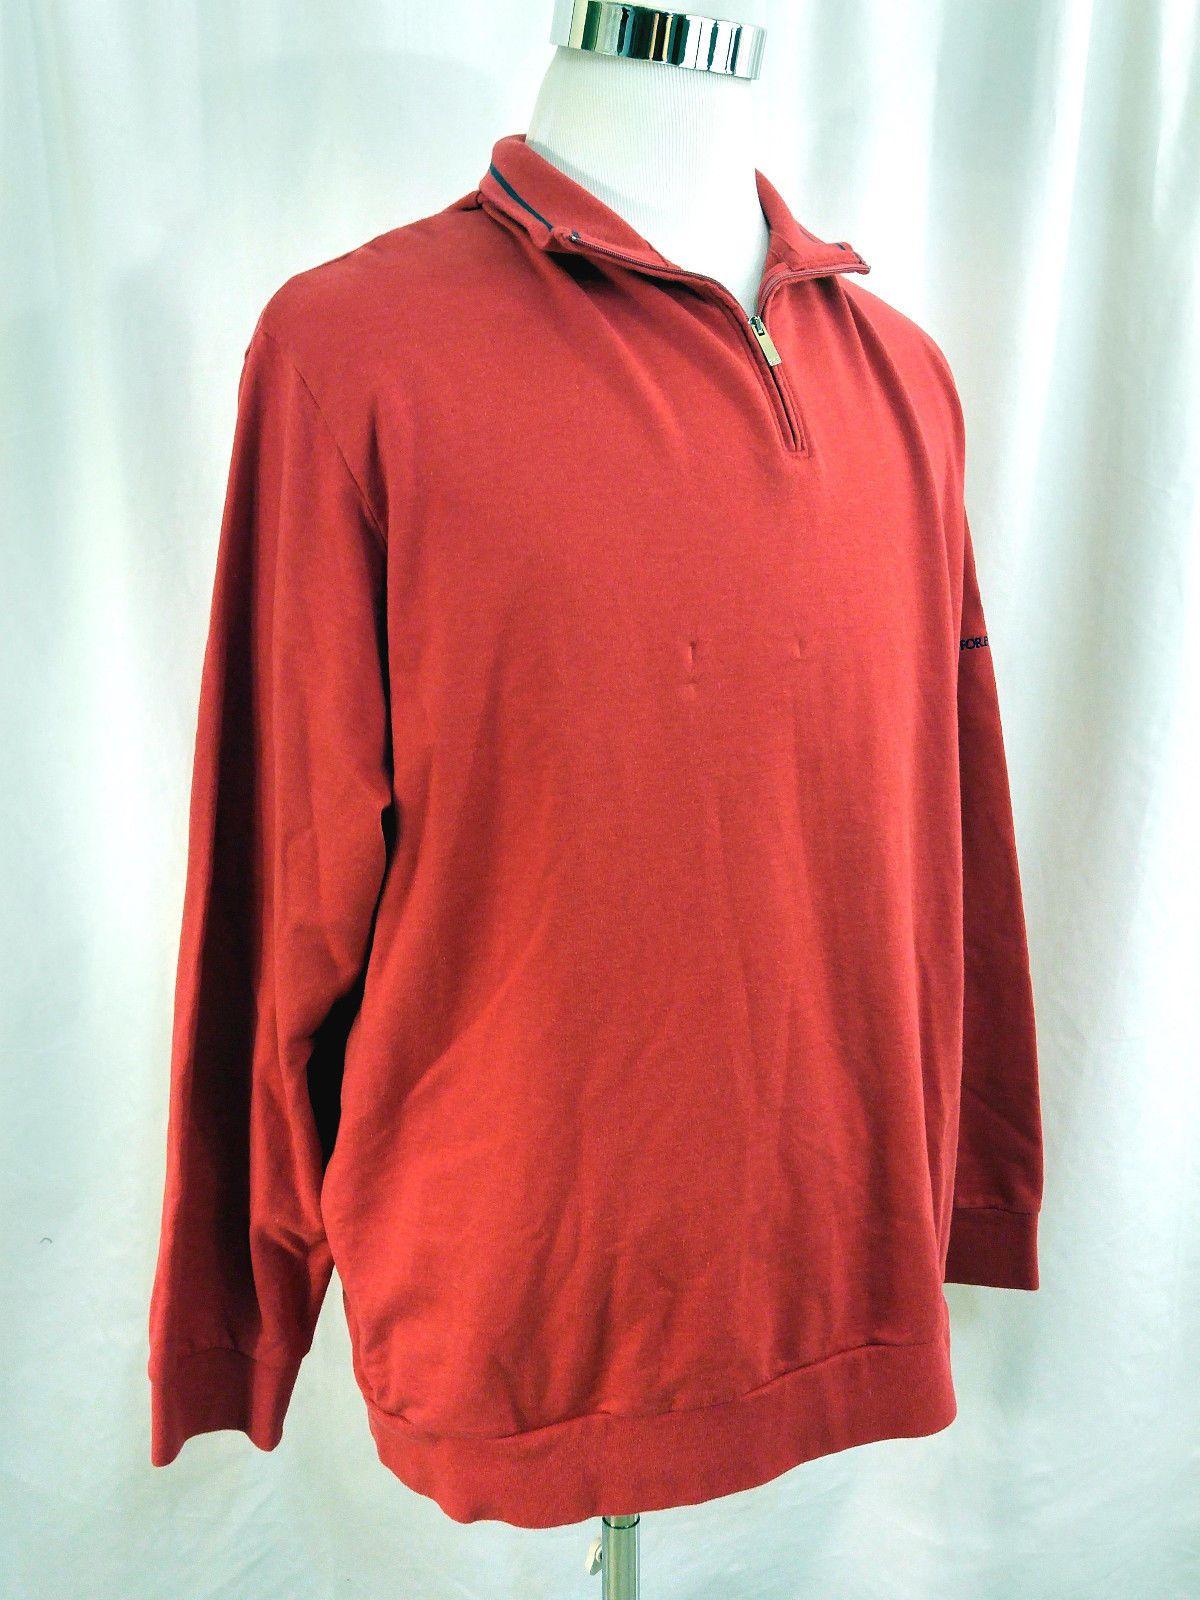 9b3ad7069 NEW Ralph Lauren Polo Golf Long Sleeve Red 1/2 Zip Shirt Forest Hills XL  X-Large